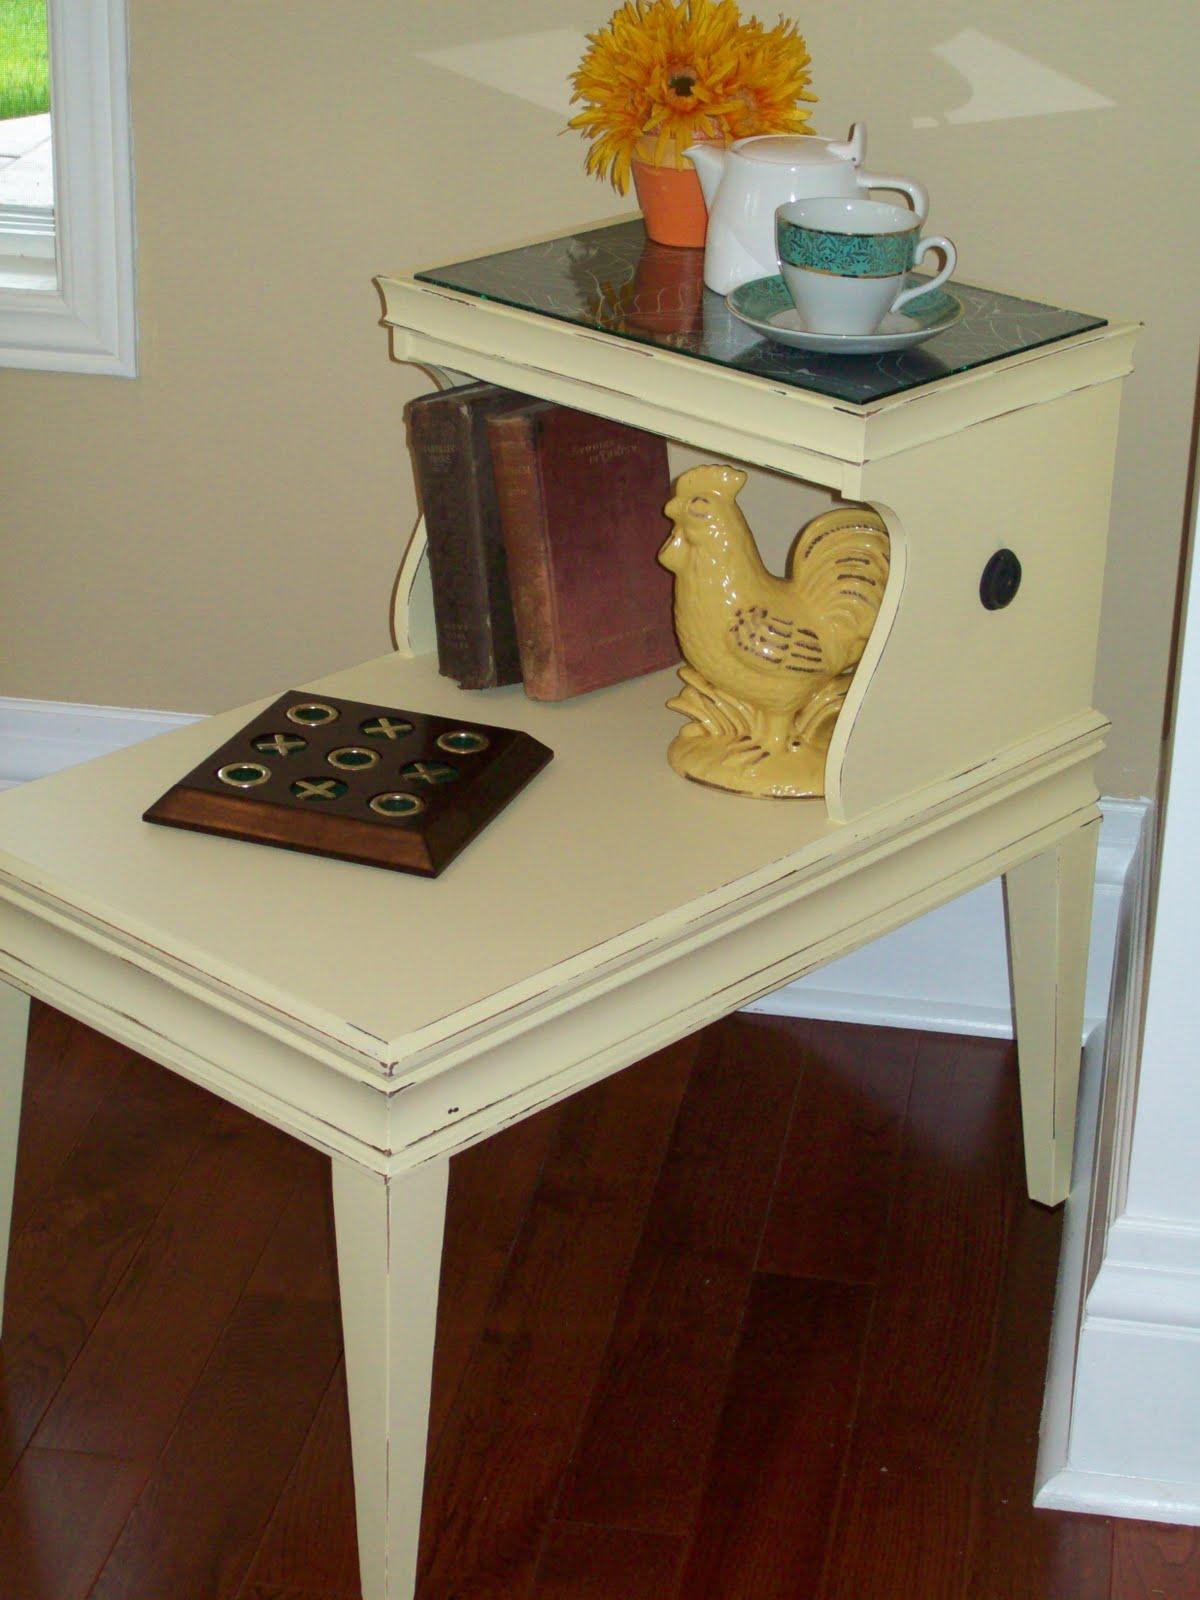 http://4.bp.blogspot.com/_LivaOh1_1kA/TA7LfrwtxtI/AAAAAAAAAVE/c89LgoA8EFs/s1600/yellow+table+and+headboard+041.jpg